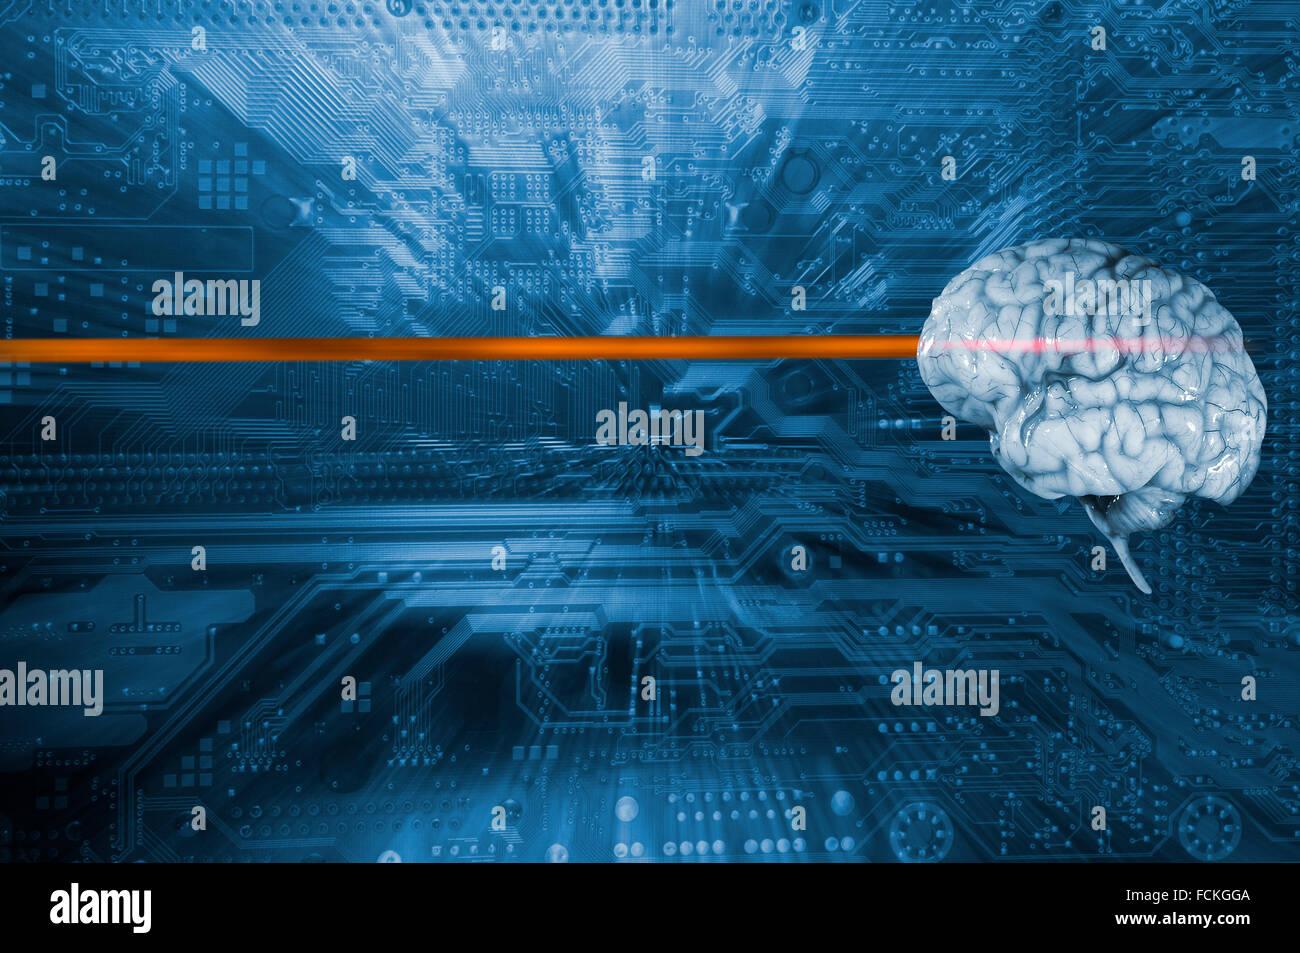 menschliche Gehirn und Computer Leiterplatte, künstliche Intelligenz Stockbild